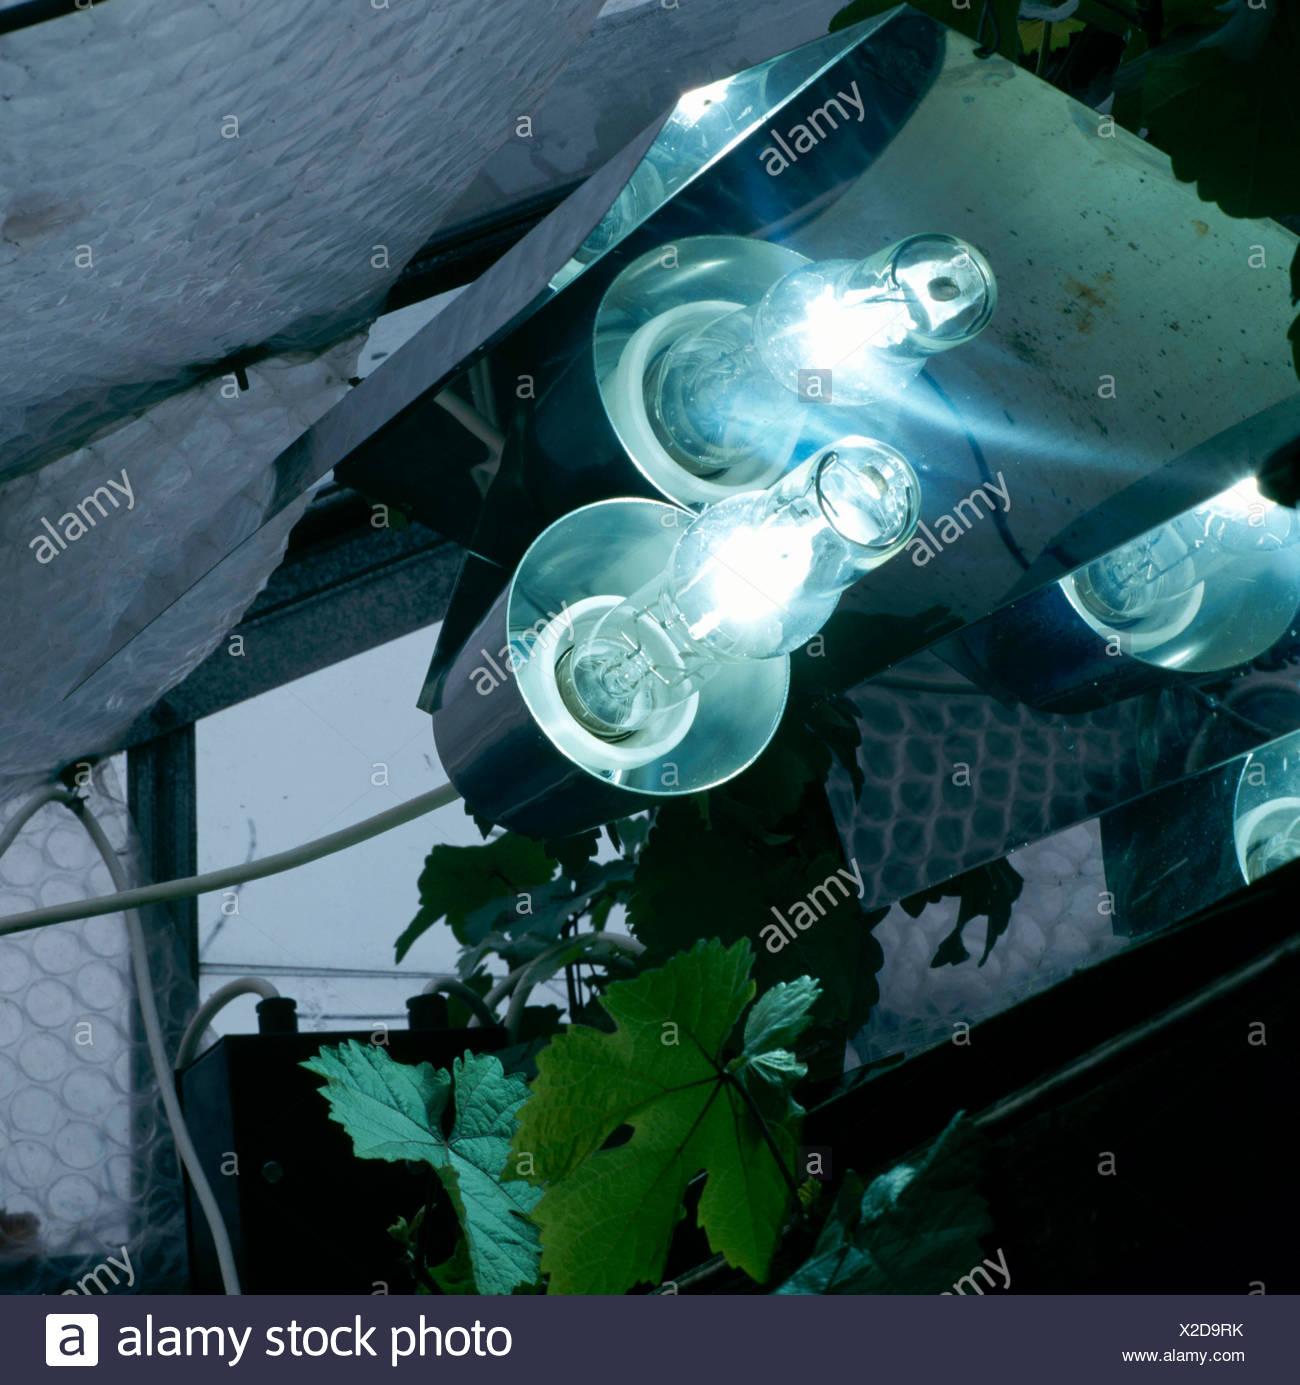 Grow Lights Stock Photos & Grow Lights Stock Images - Alamy